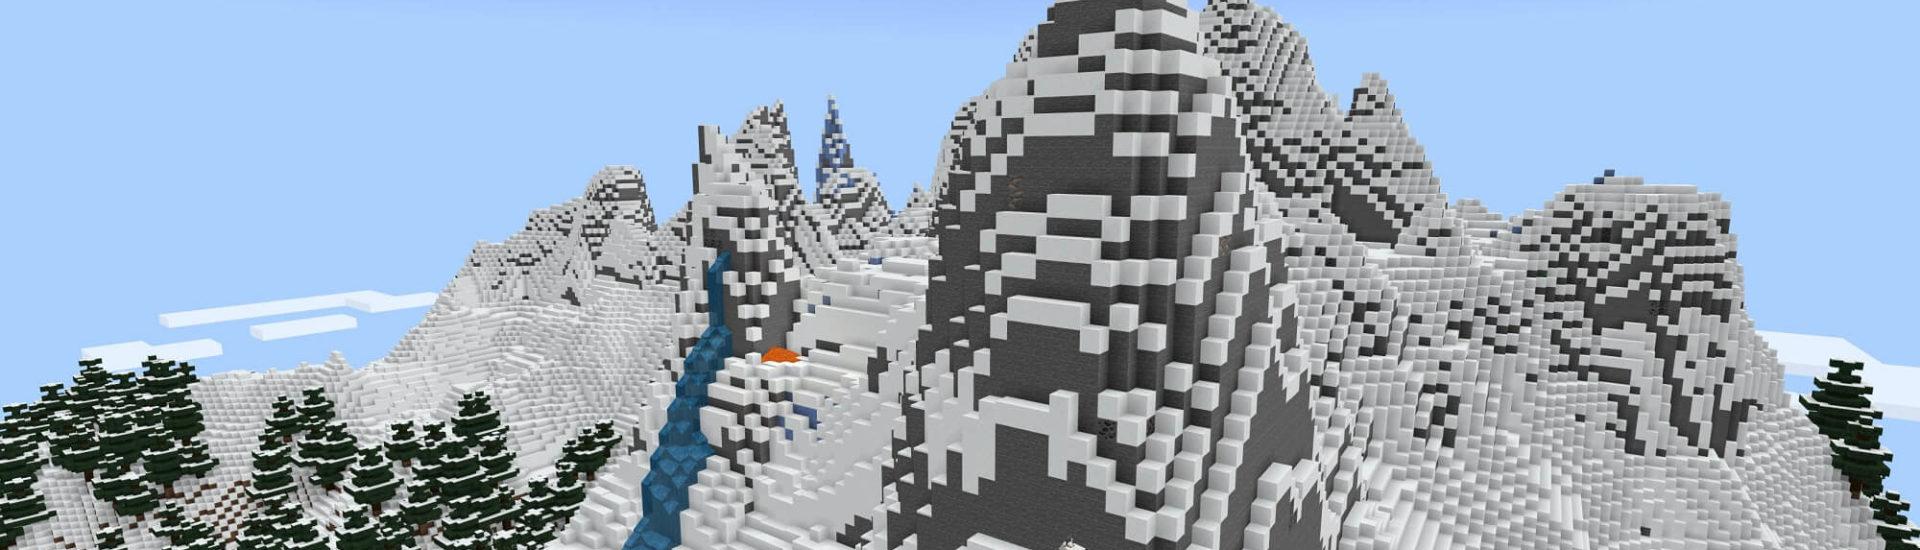 Minecraft: Update ändert die Höhe der Spielwelt